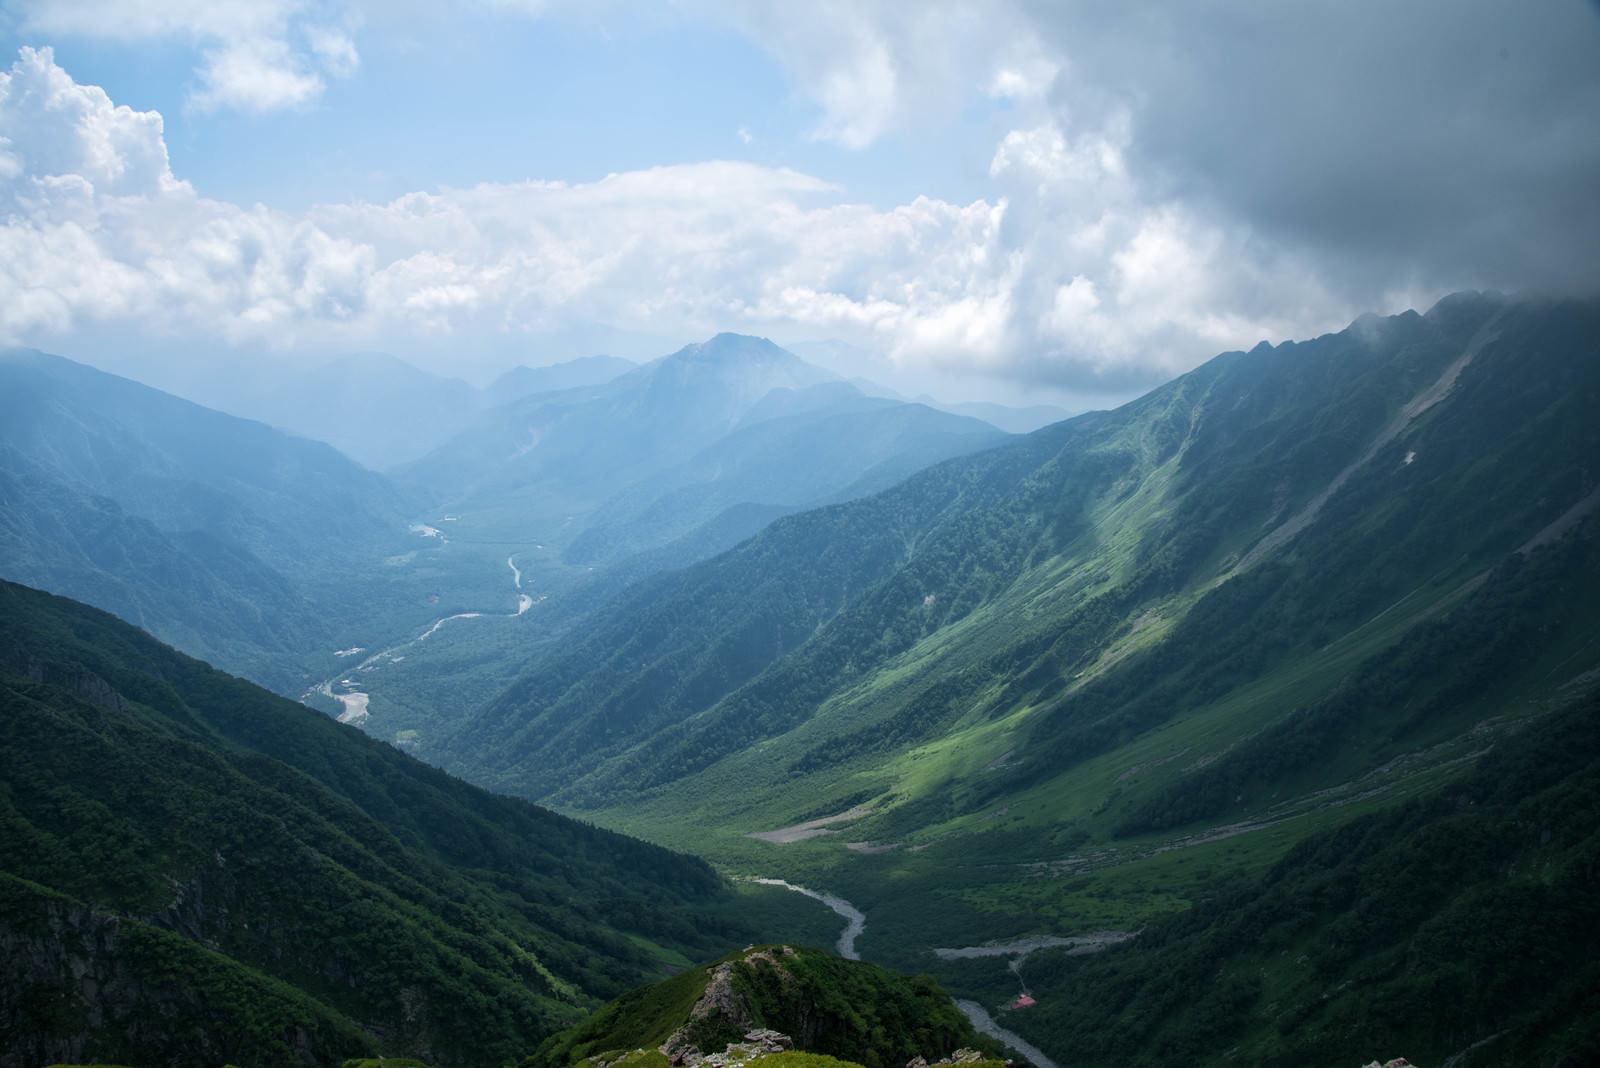 「重太郎新道から俯瞰する上高地と焼岳」の写真